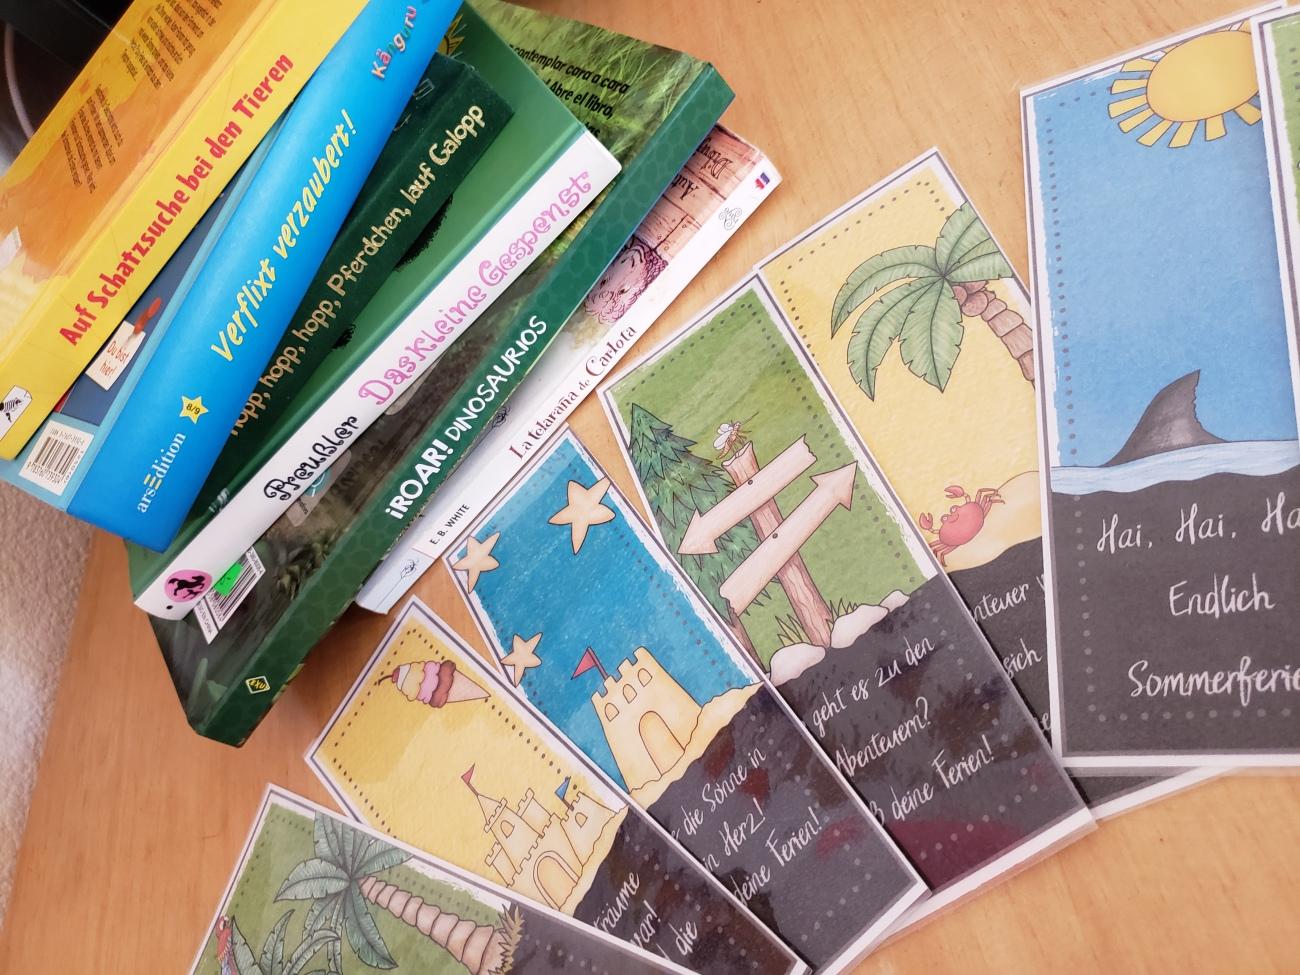 Lesezeichen als kleine Geschenke zu den Sommerferien. Das motiviert zum Lesen, auch in der Schulfreien Zeit.